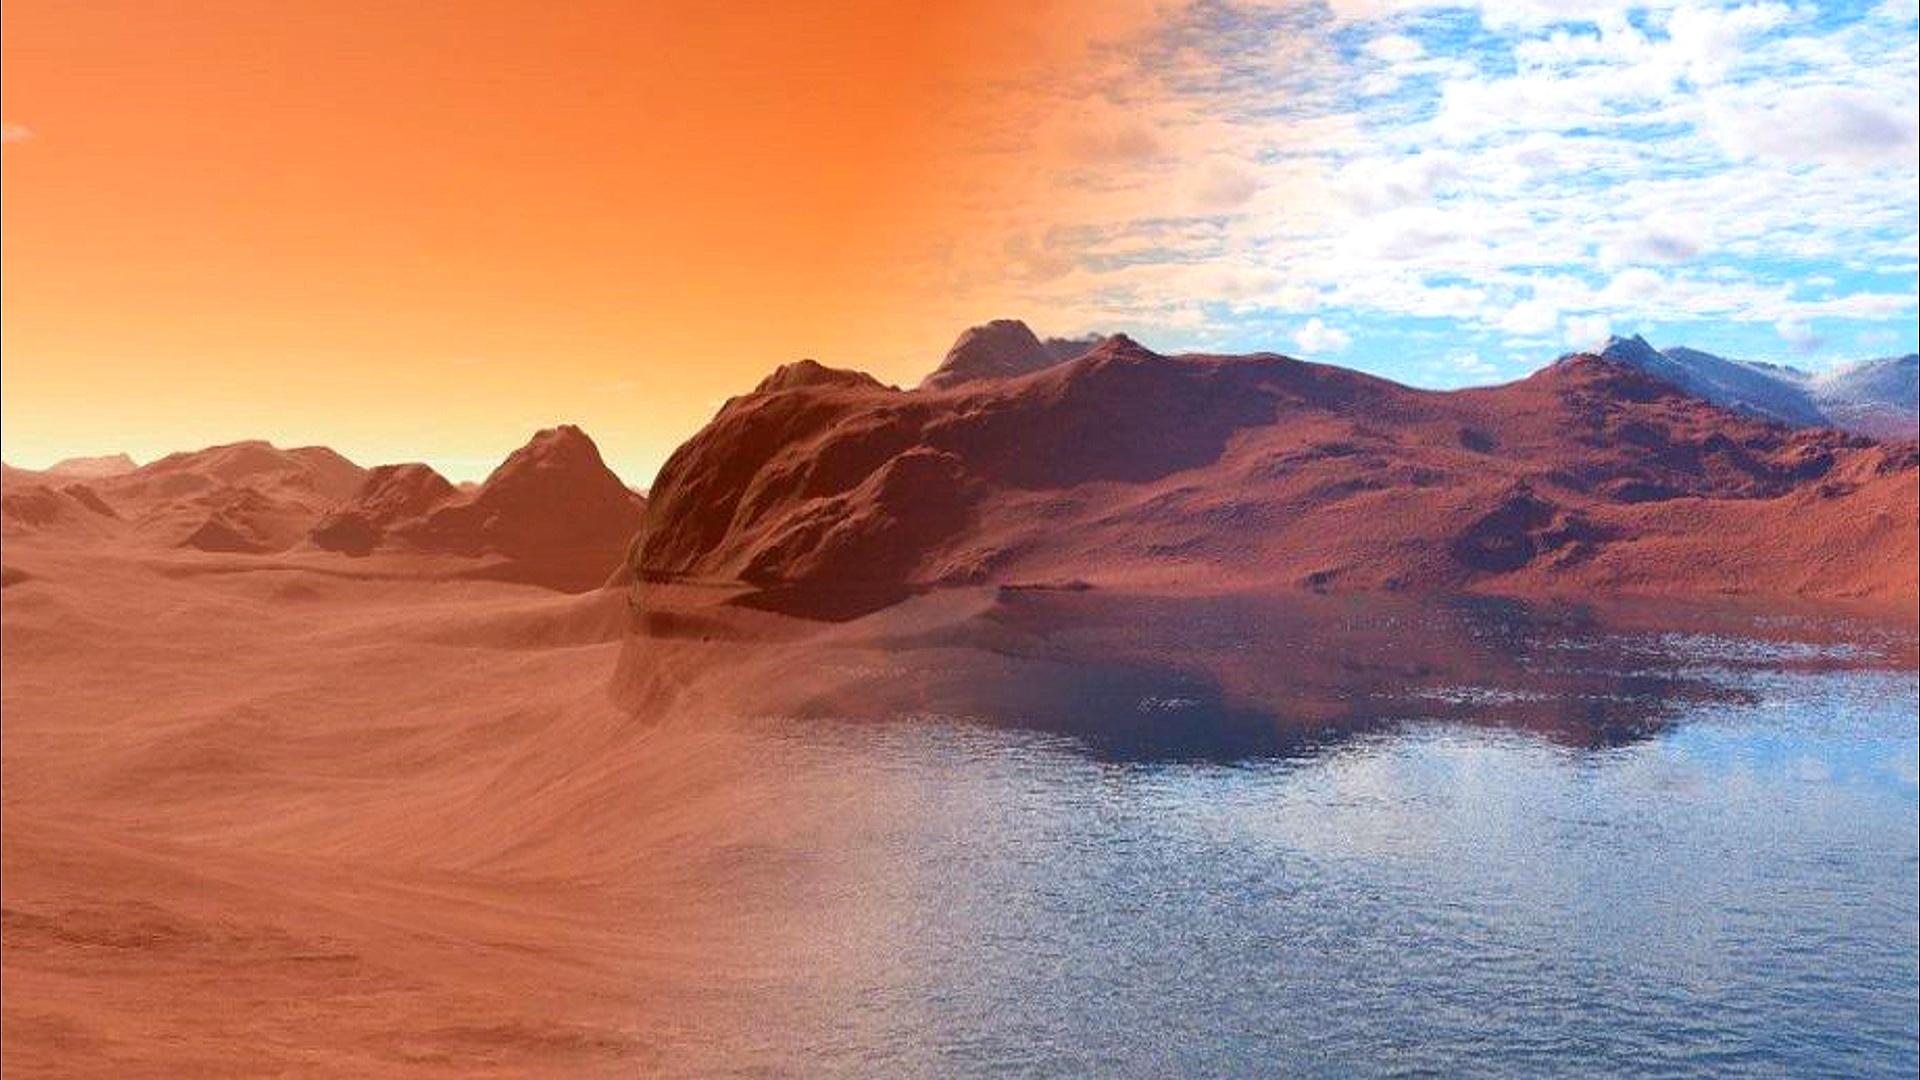 Marsda 4,4 milyard il öncə su olduğu kəşf edilib